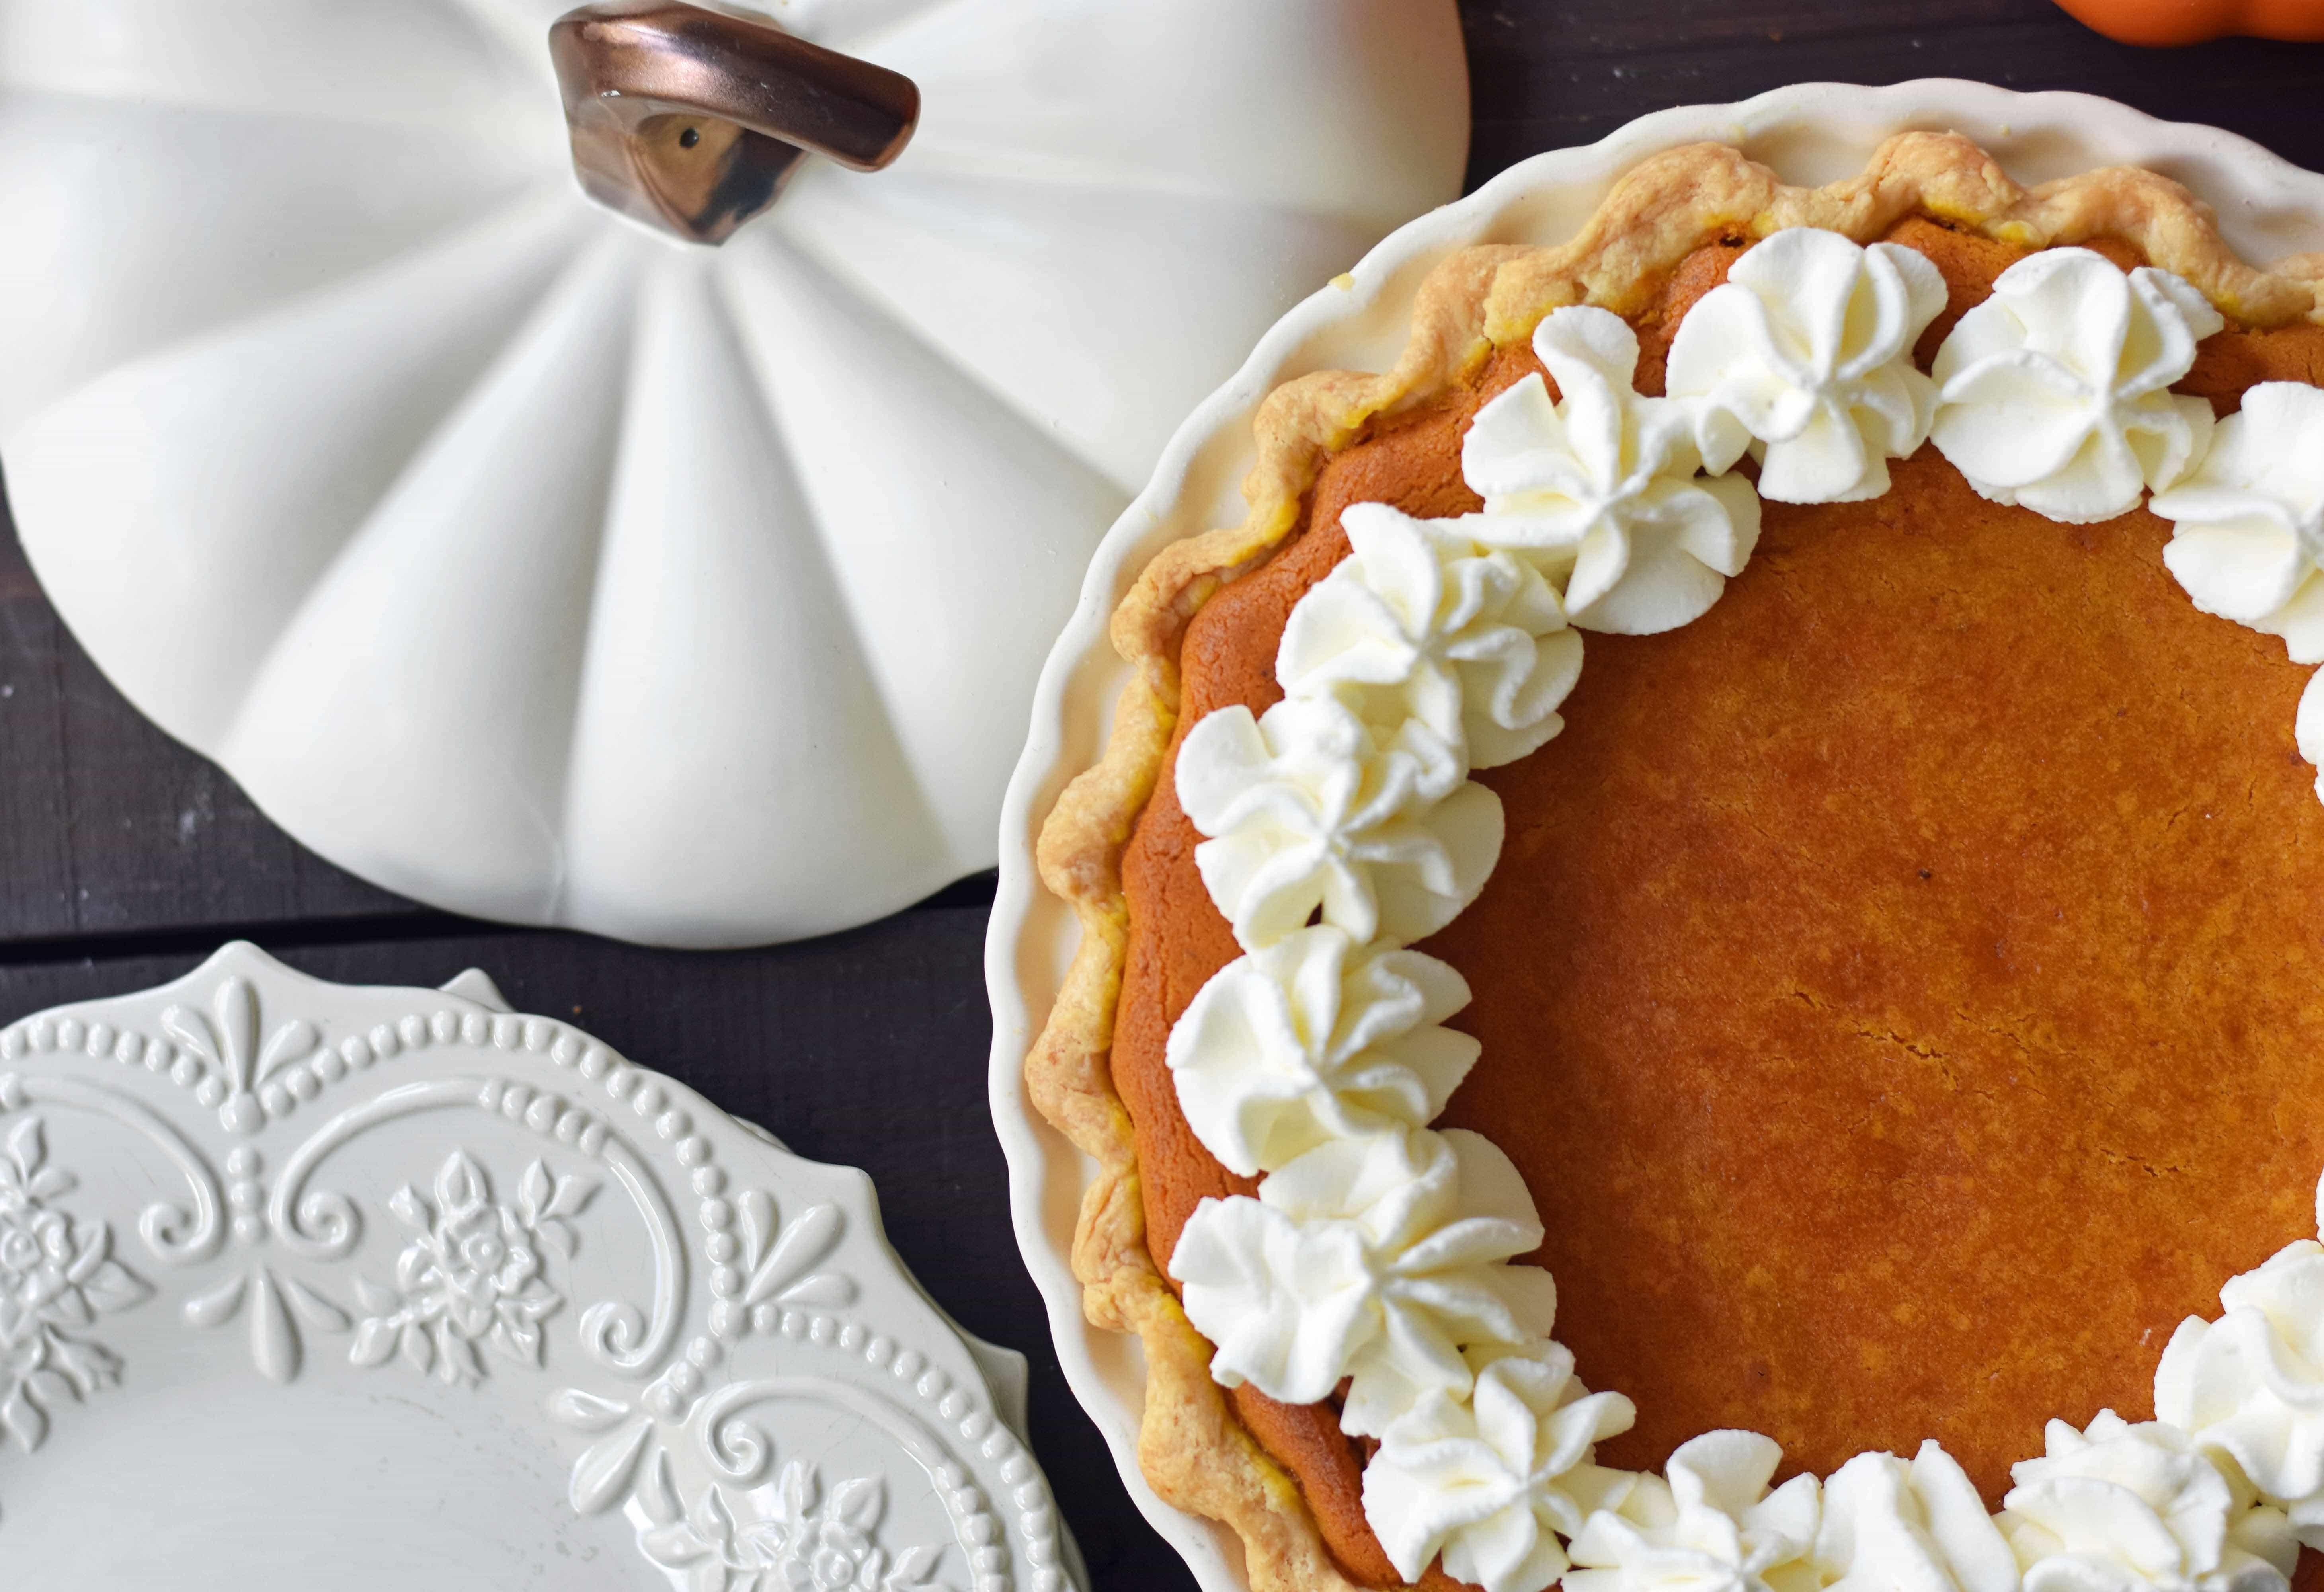 pumpkin pie next to a white pumpkin